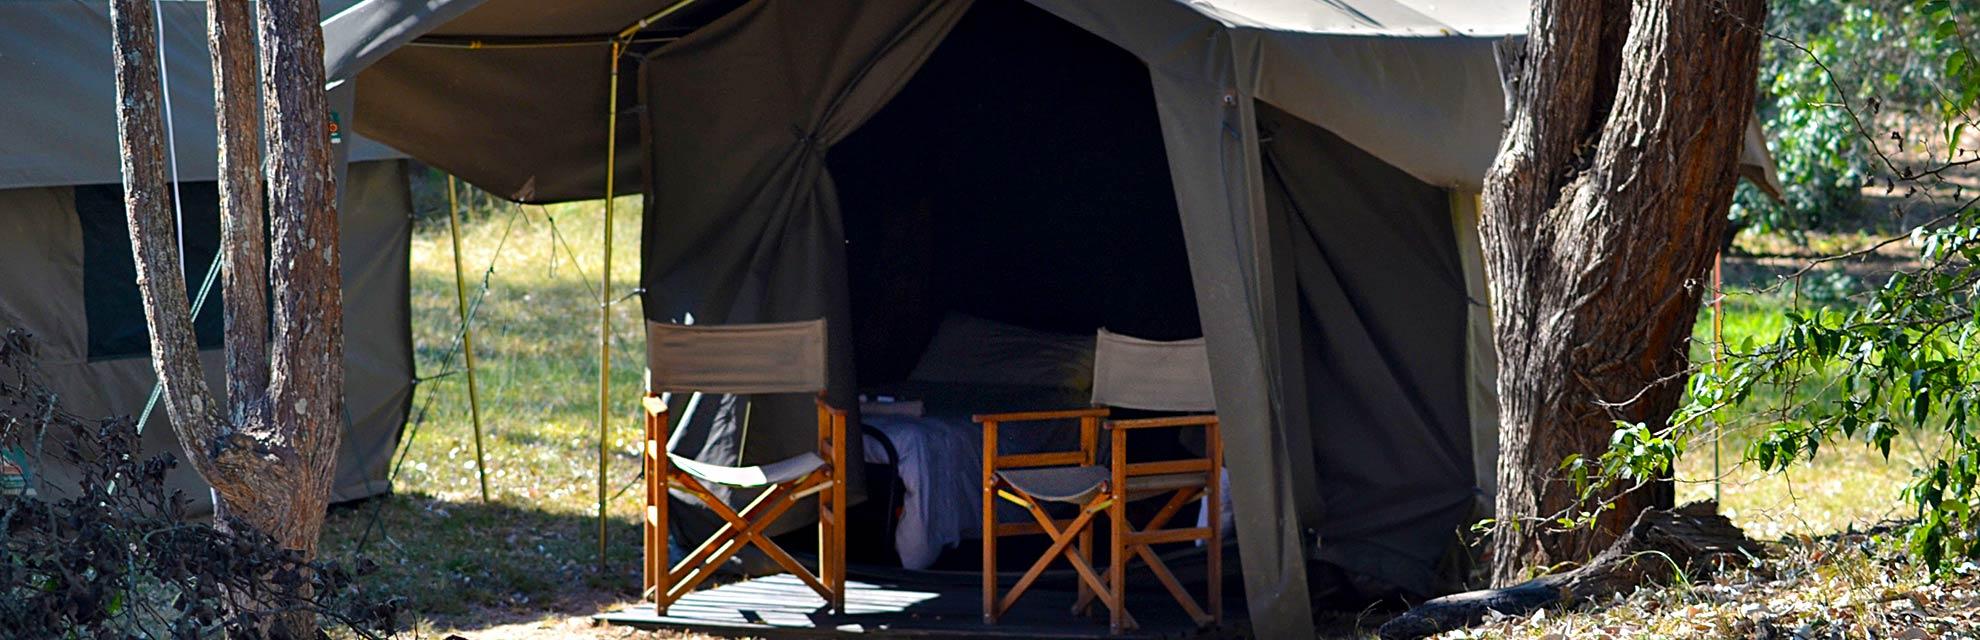 kruger wildlife safaris camping safari